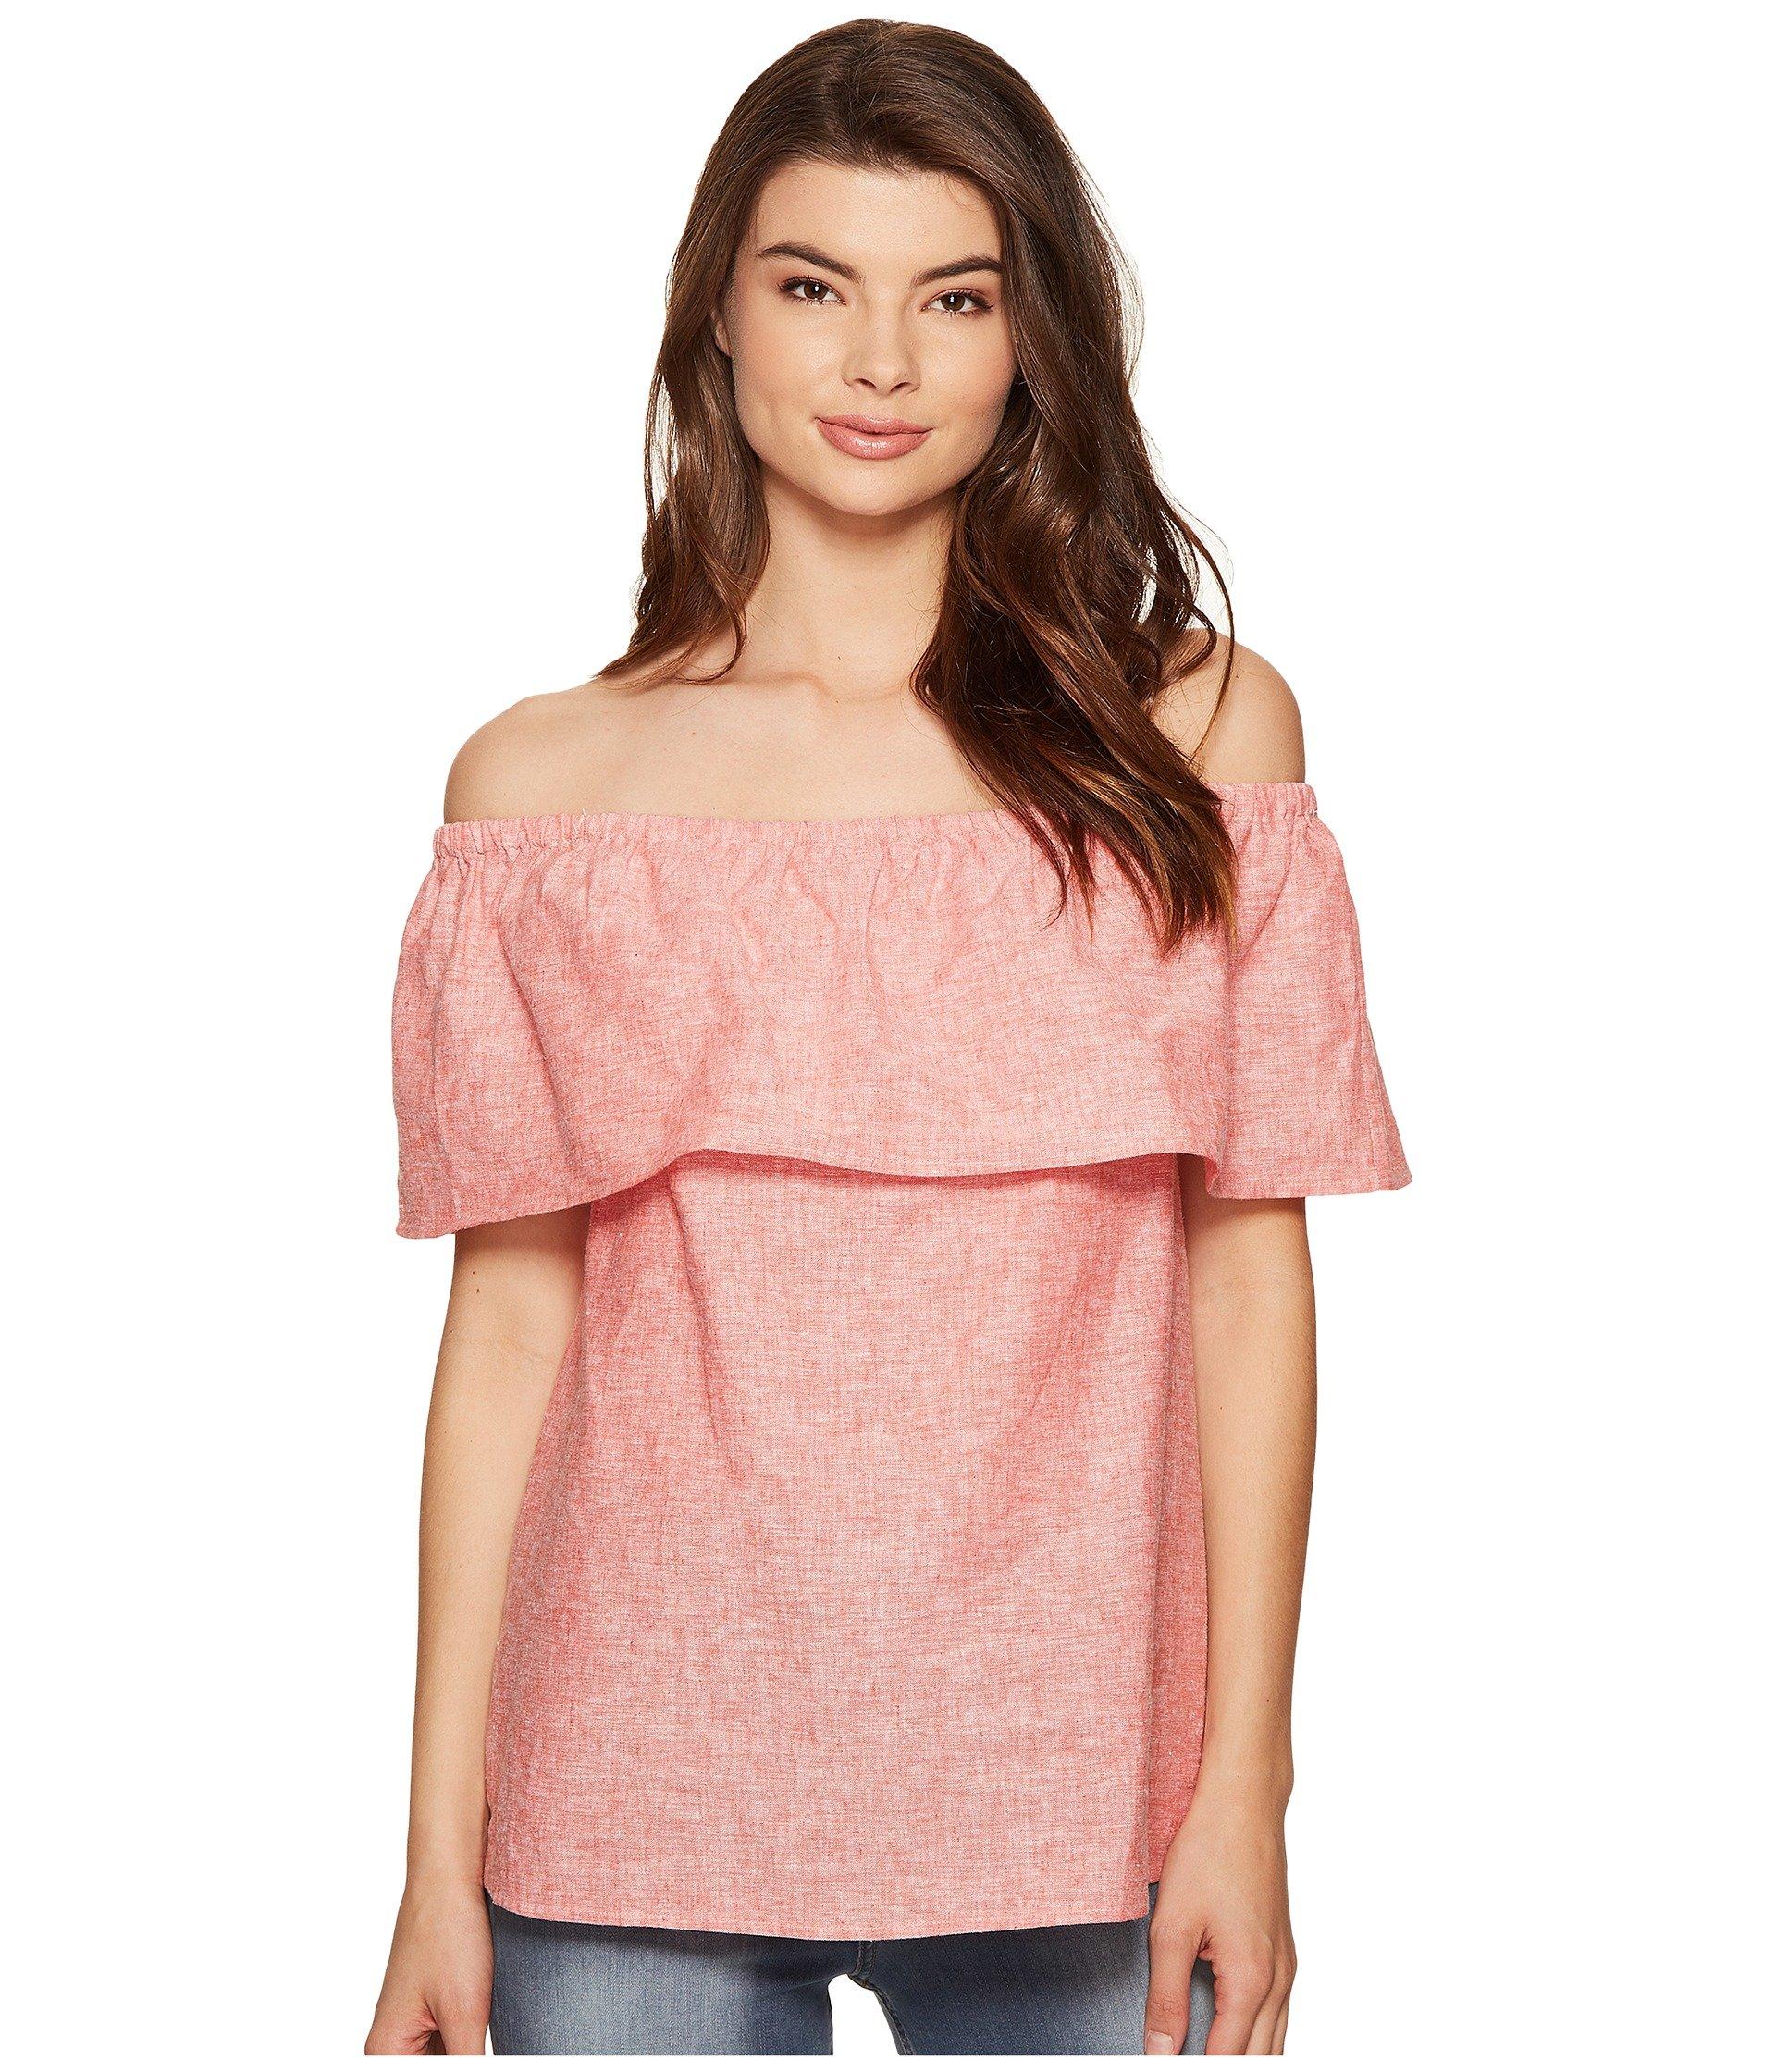 Blusa para Mujer kensie Cross Dye Linen Blend Top KS5K4323  + kensie en VeoyCompro.net